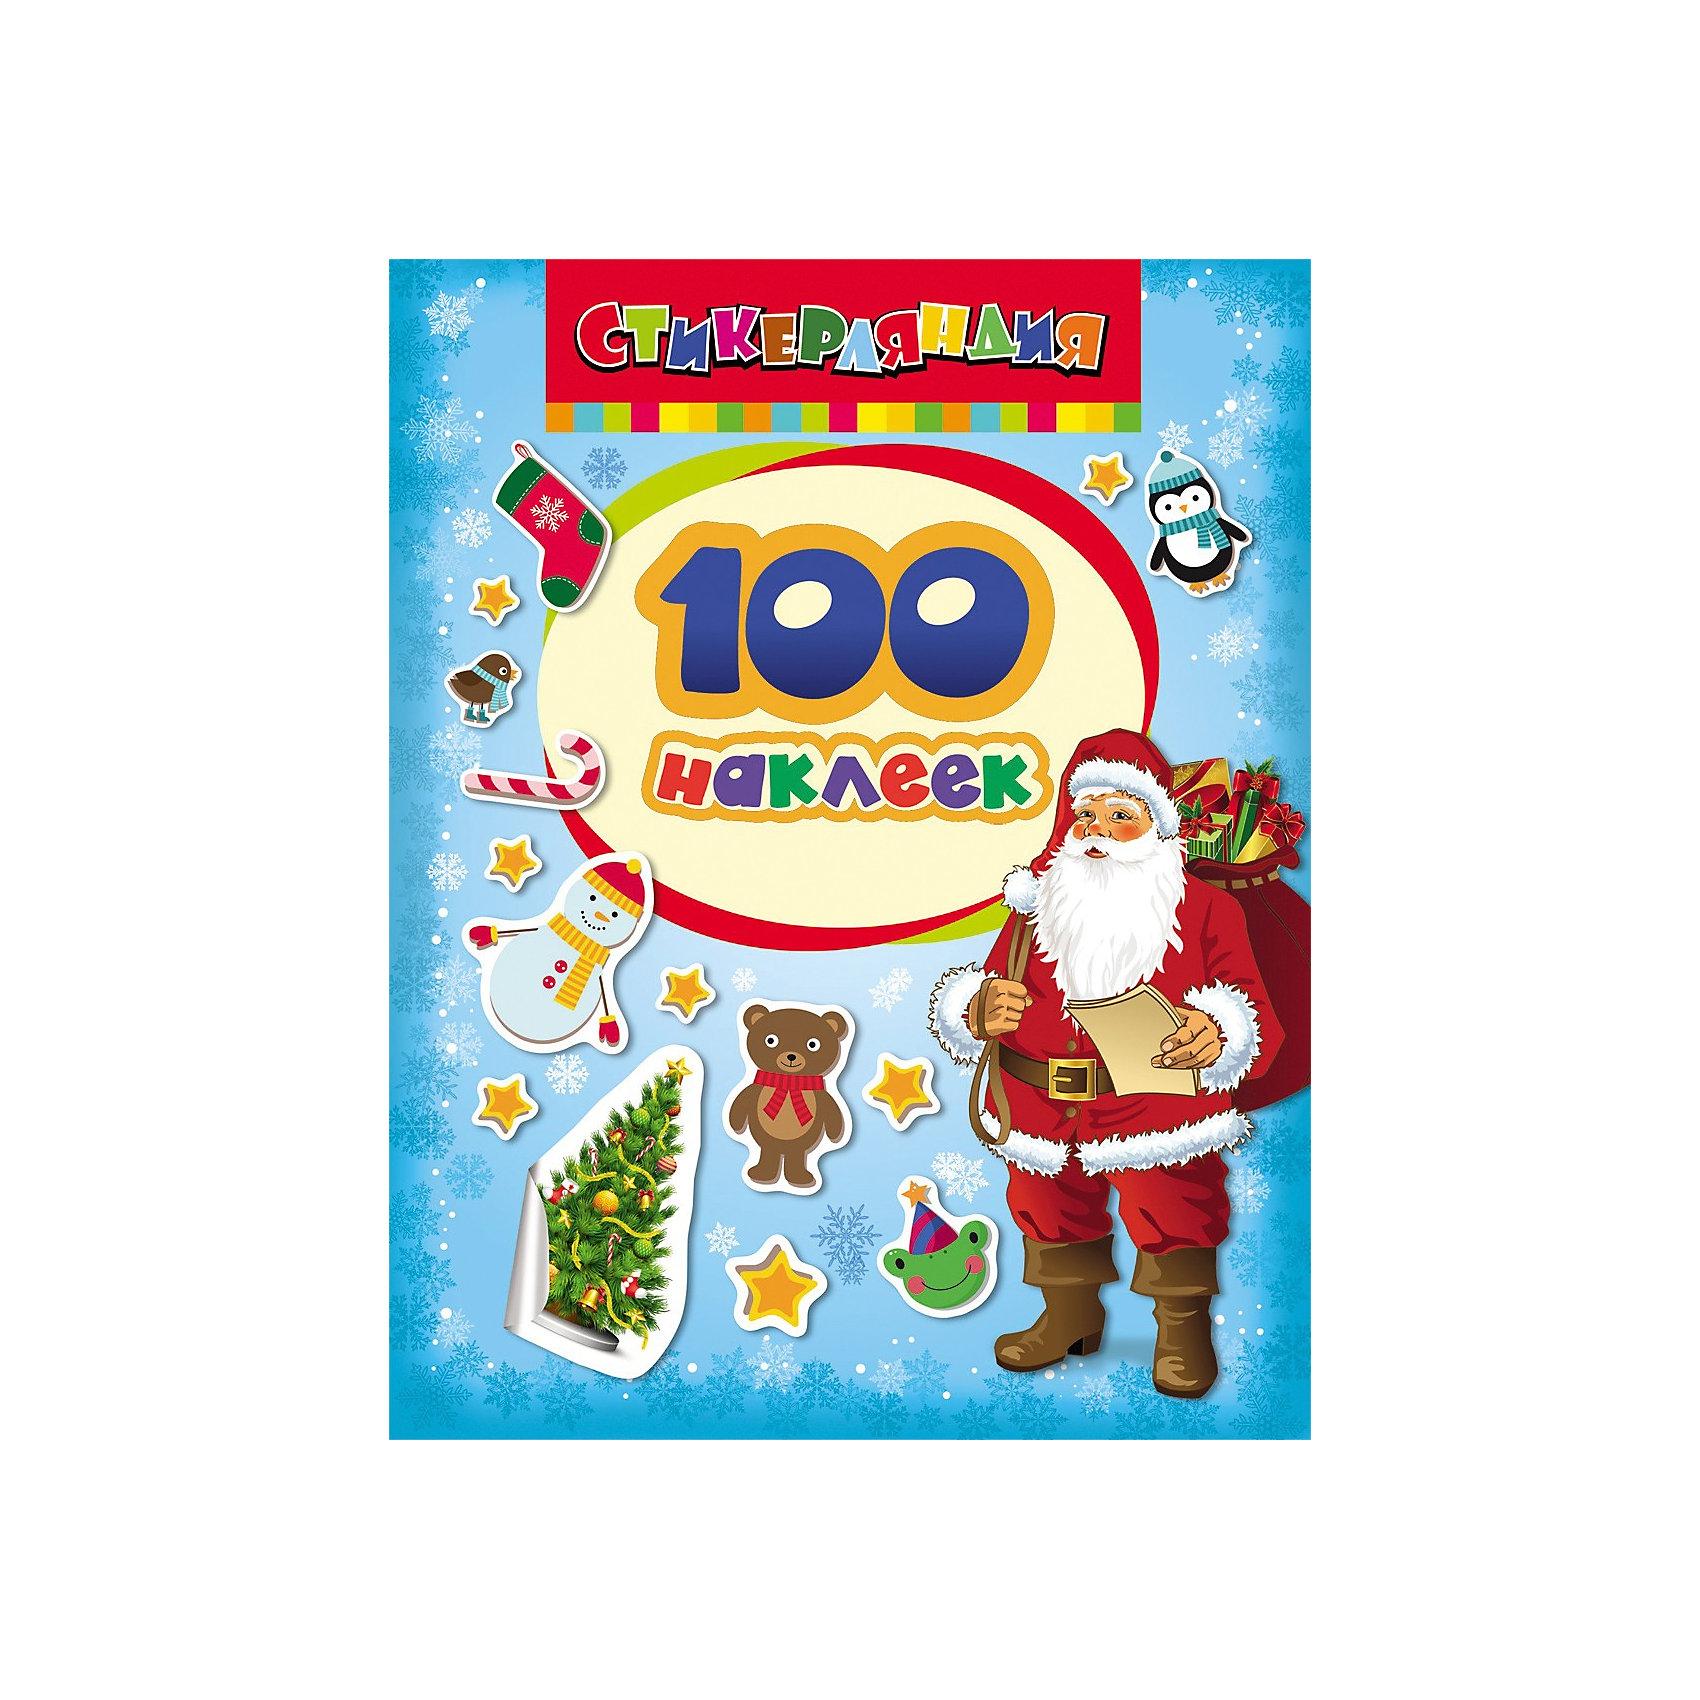 Альбом 100 наклеек. Дед МорозАльбом 100 наклеек. Дед Мороз - замечательные, яркие новогодние  наклейки  для девчонок и мальчишек! Украшай наклейками альбомы, тетради, блокноты, открытки или комнату. Сделай свою жизнь ярче!<br><br>Дополнительная информация:<br><br>- Количество страниц: 8 стр.<br>- Количество наклеек: 100 шт.<br>- Размер: Размер: 20 х 15 см<br><br>Альбом 100 наклеек. Дед Мороз можно купить в нашем магазине.<br><br>Ширина мм: 200<br>Глубина мм: 150<br>Высота мм: 1<br>Вес г: 30<br>Возраст от месяцев: 36<br>Возраст до месяцев: 96<br>Пол: Унисекс<br>Возраст: Детский<br>SKU: 3831774